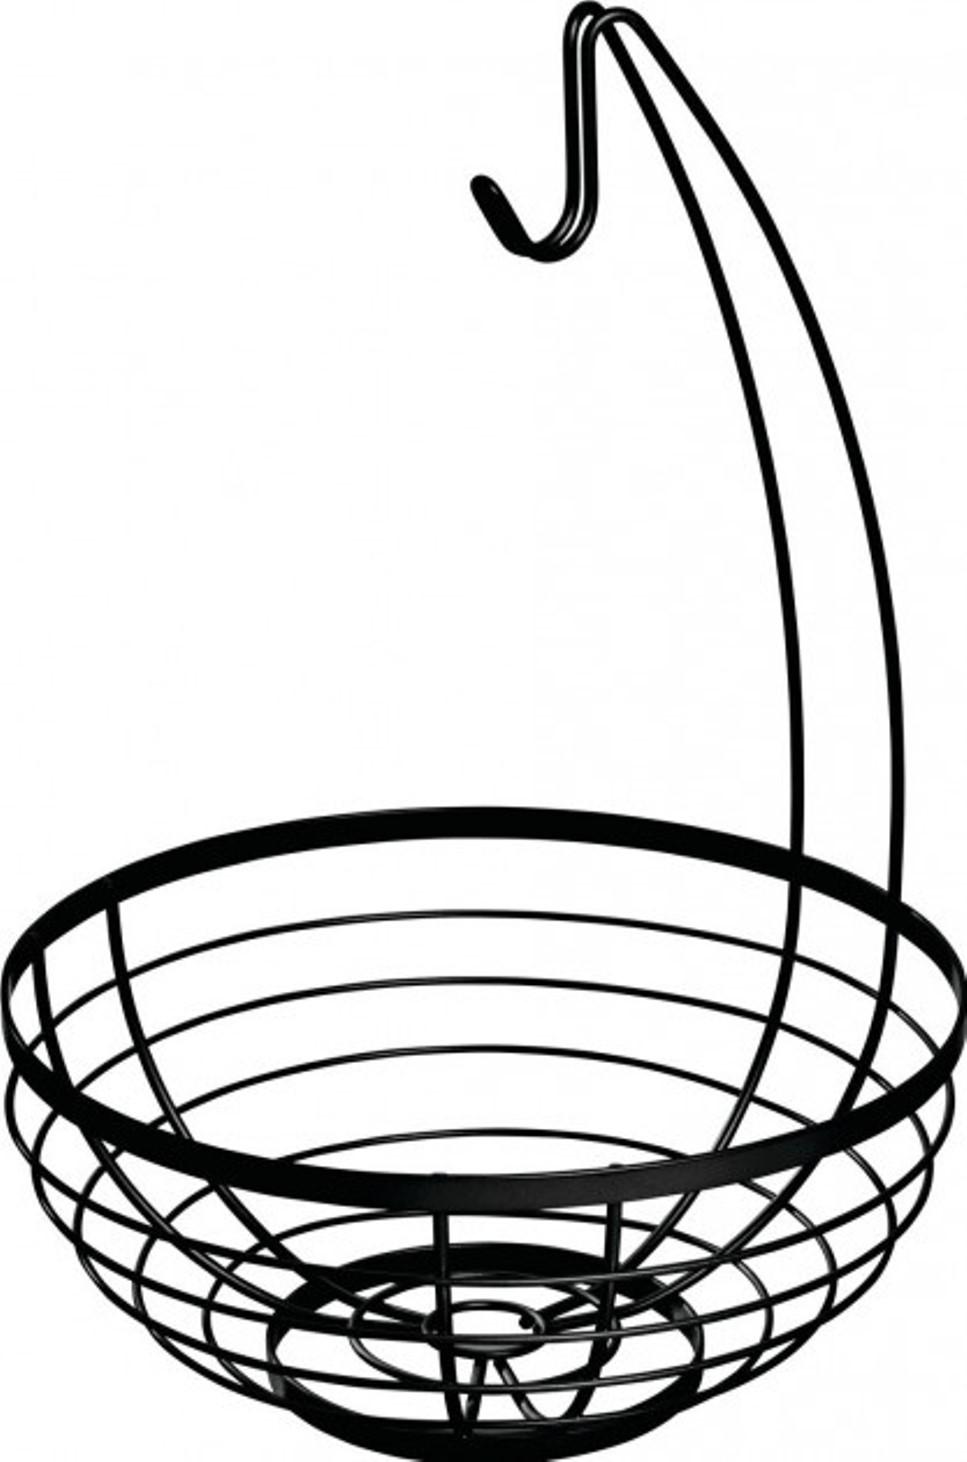 Онлайн каталог PROMENU: Корзина для фруктов с крючком для бананов iDesign AUSTIN, 27,3х27,3 см, черный                                   51687EU